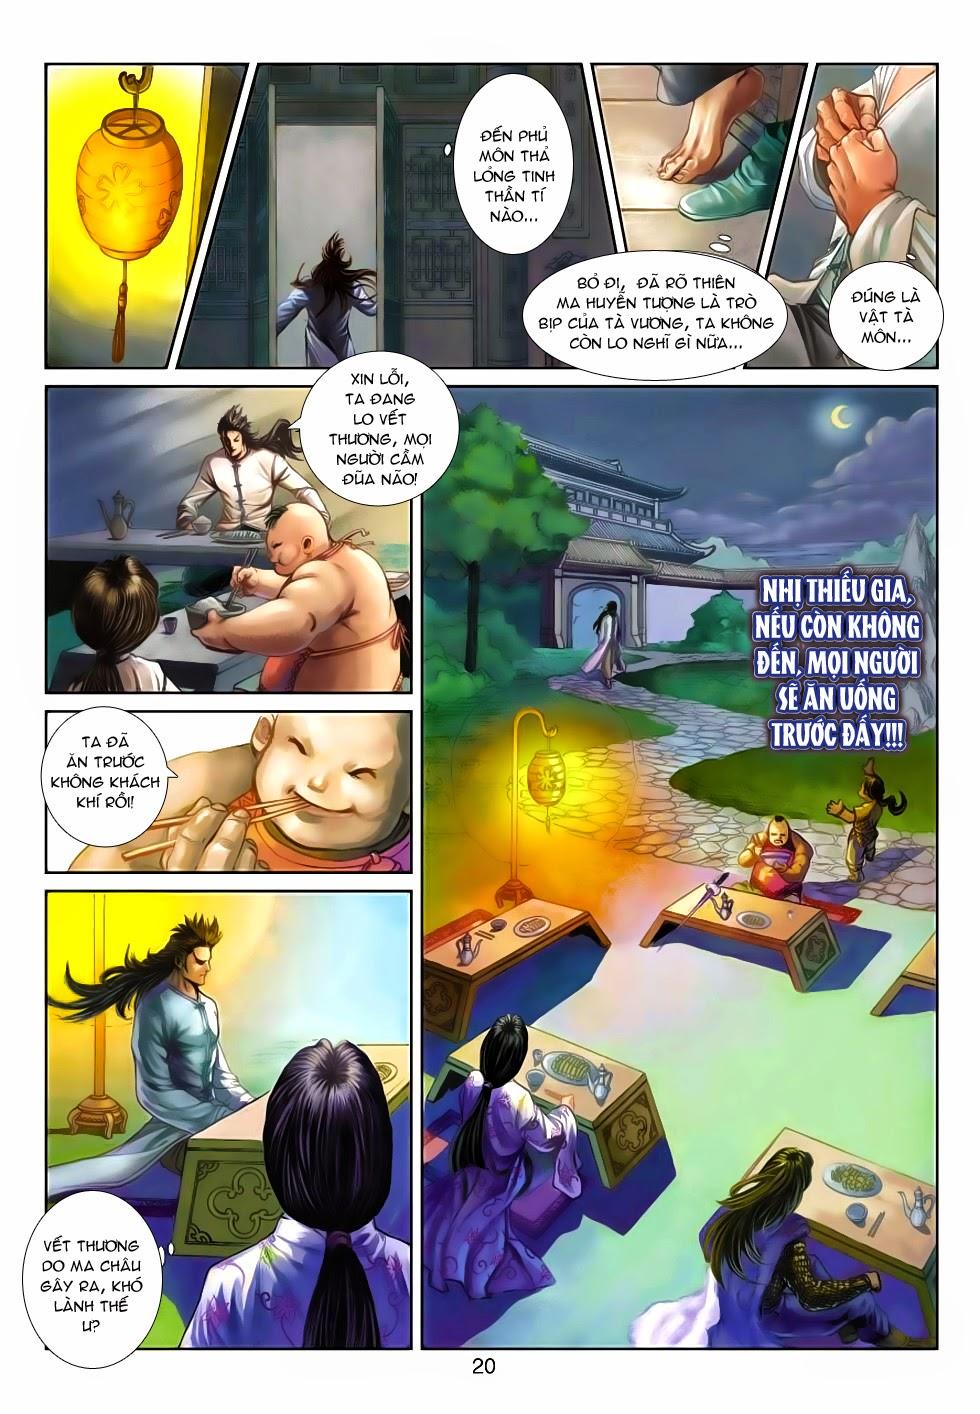 Thần Binh Tiền Truyện 4 - Huyền Thiên Tà Đế chap 5 - Trang 20